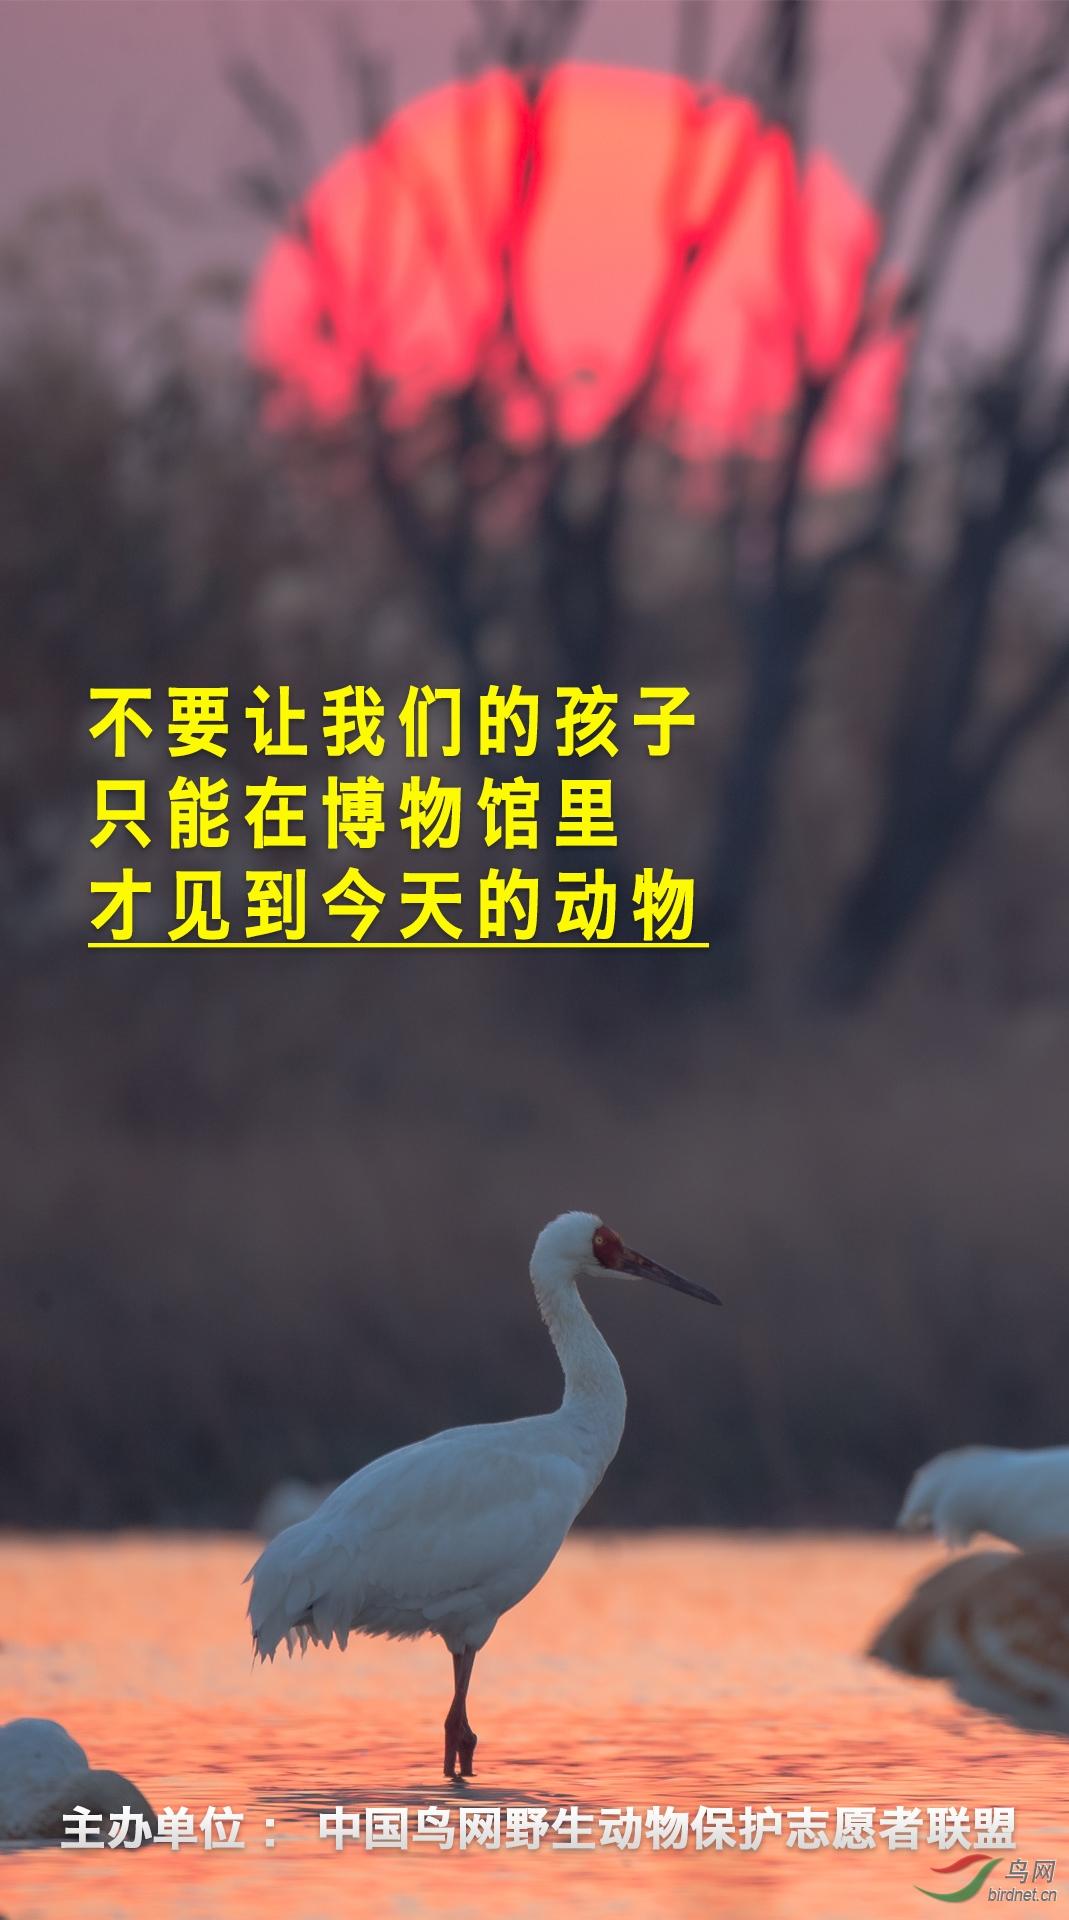 鸟网账号:完美好难···博物馆看动物-舒仁庆-13997700123鸟网公益广告-3.jpg